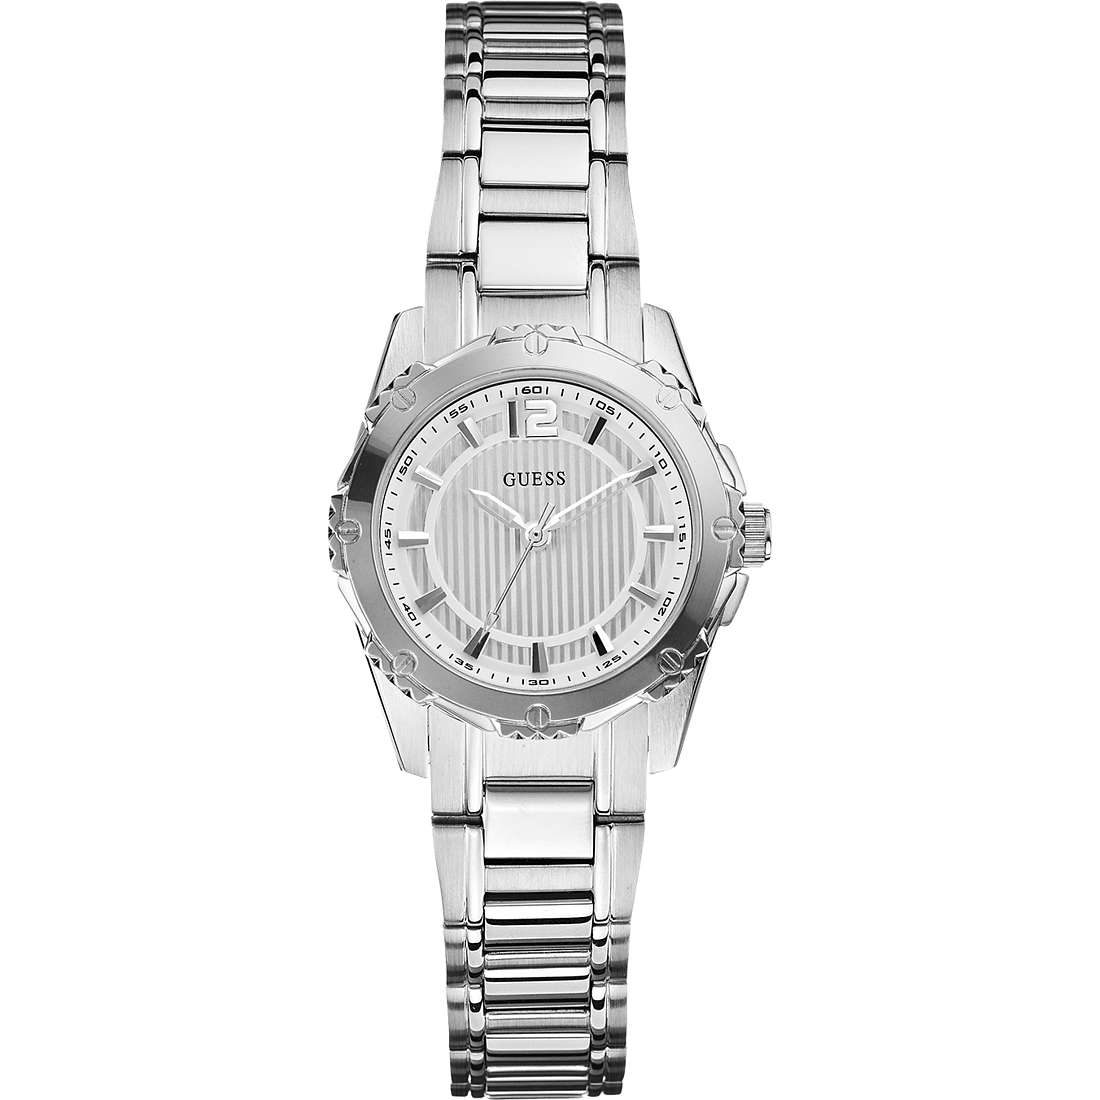 orologio solo tempo donna Guess Settembre 2013 W0234L1